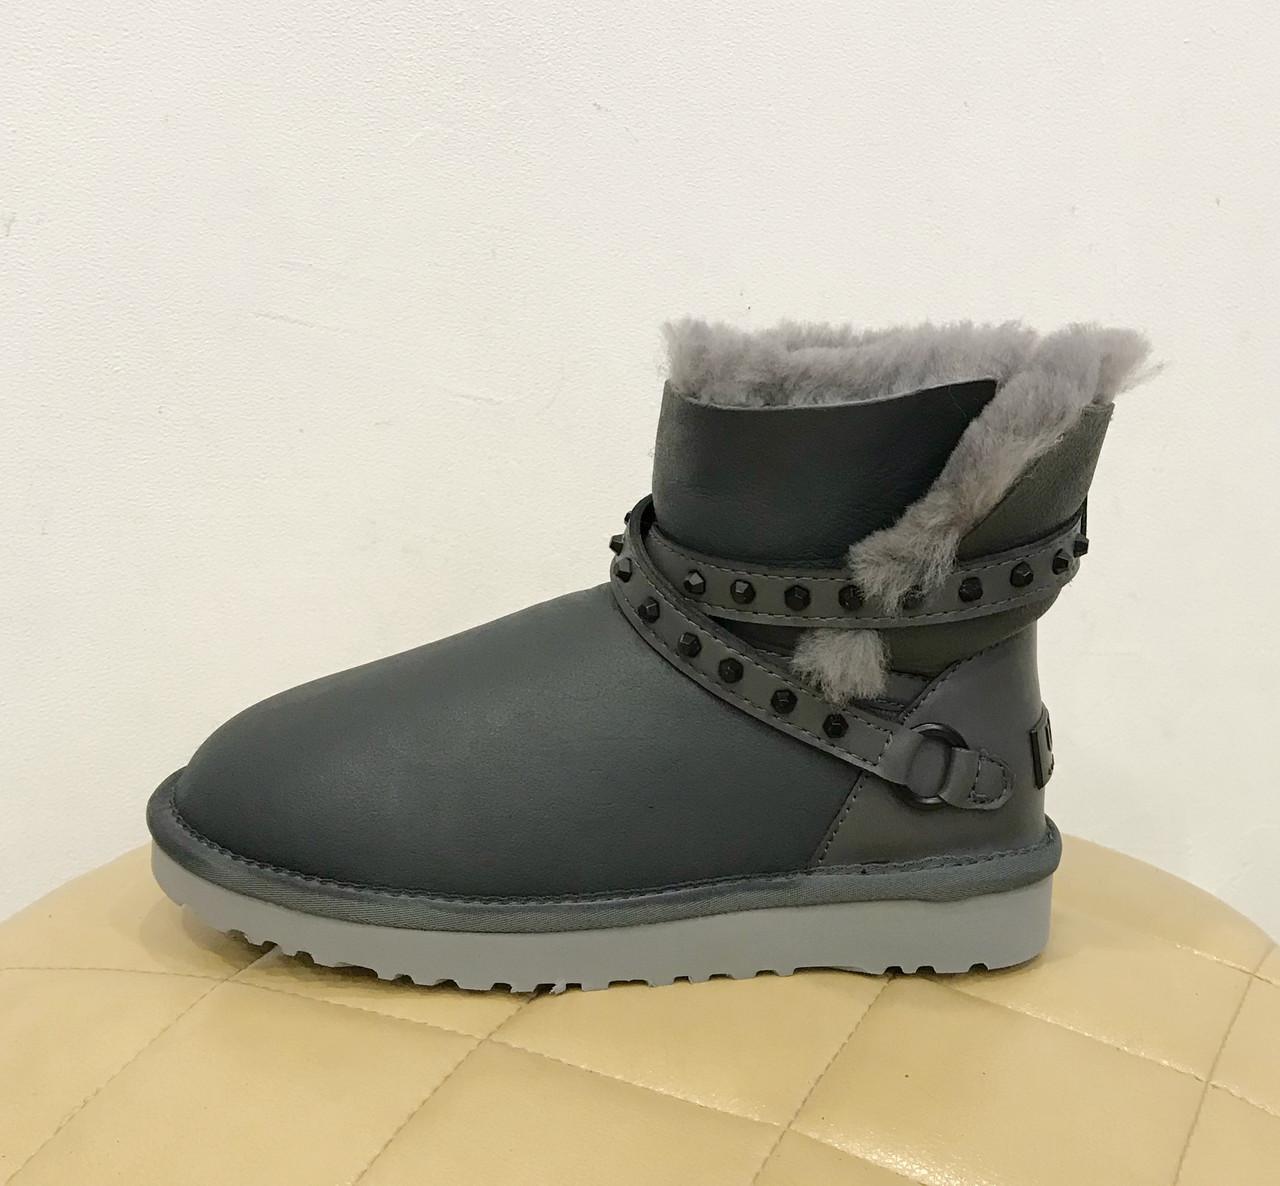 UGG Australia Emersen Grey Серые кожаные угги c ременцами